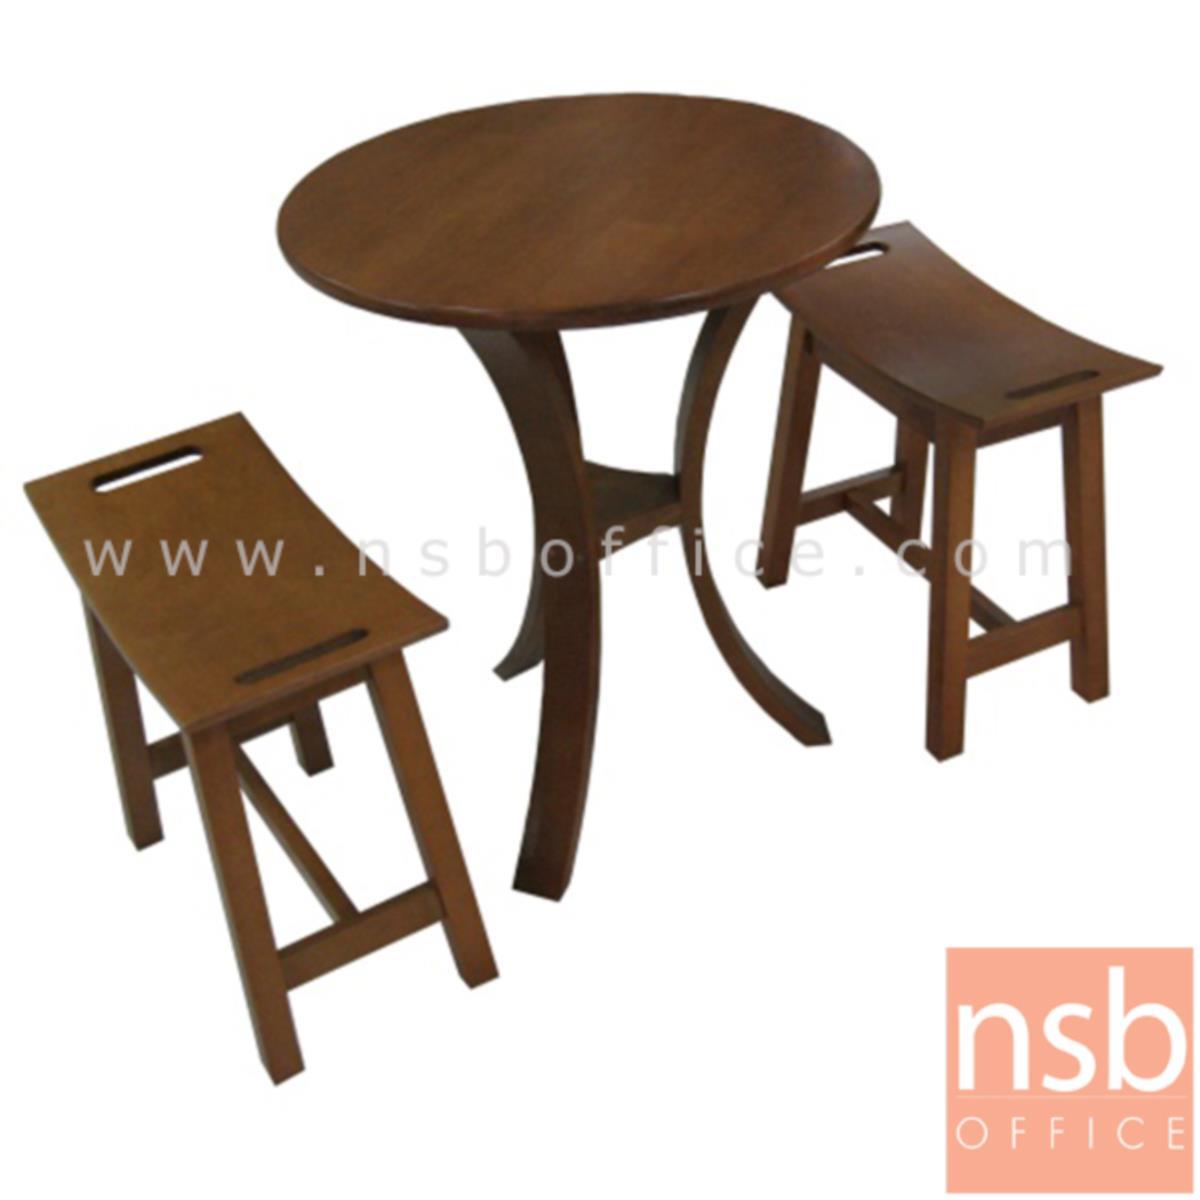 L01A099: ชุดโต๊ะกาแฟฟิวชันไม้ยาง สีโอ๊ค ขนาดโต๊ะ 60*60*75 ซม.